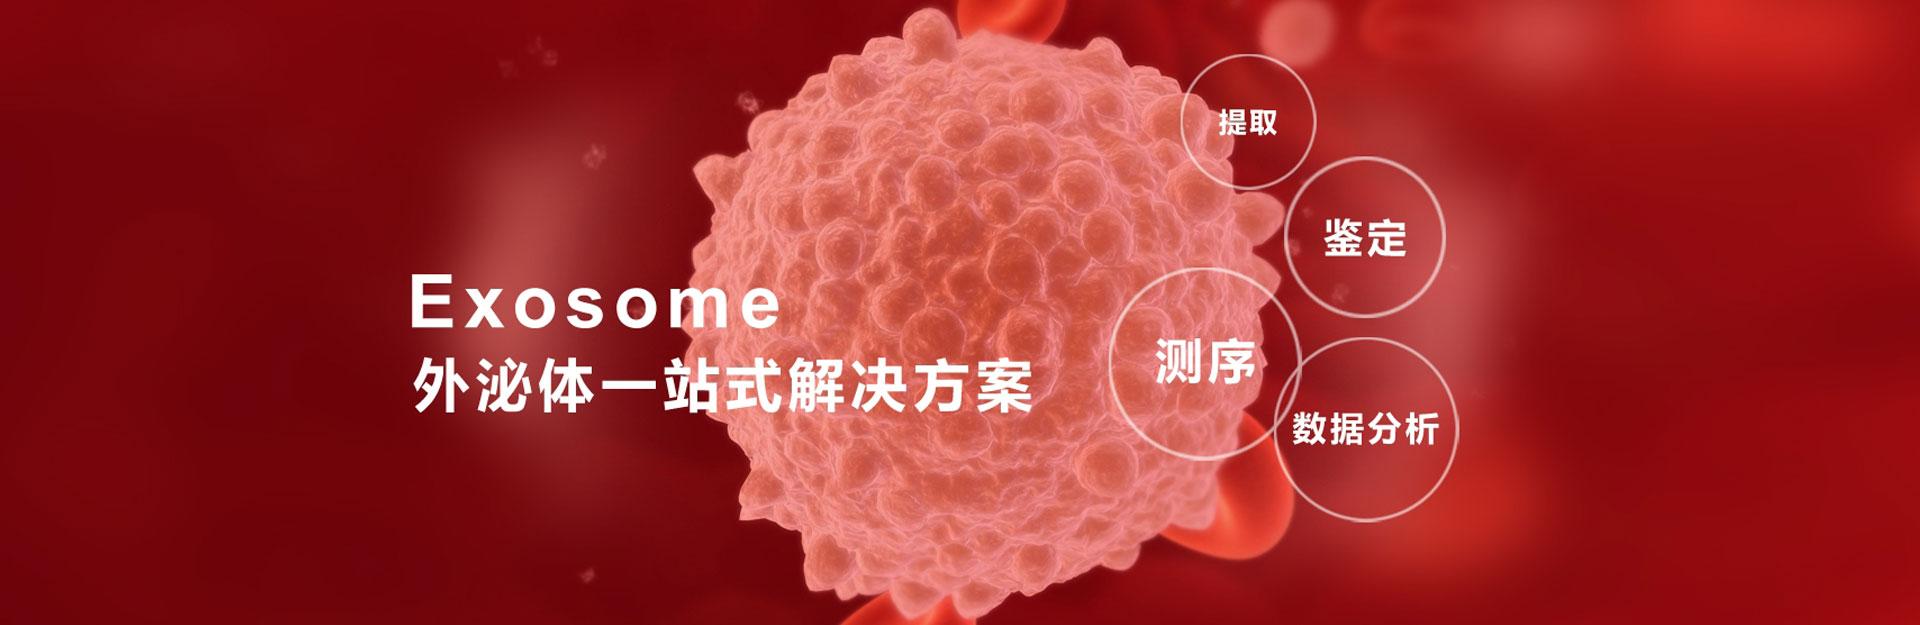 上海云序生物科技有限公司